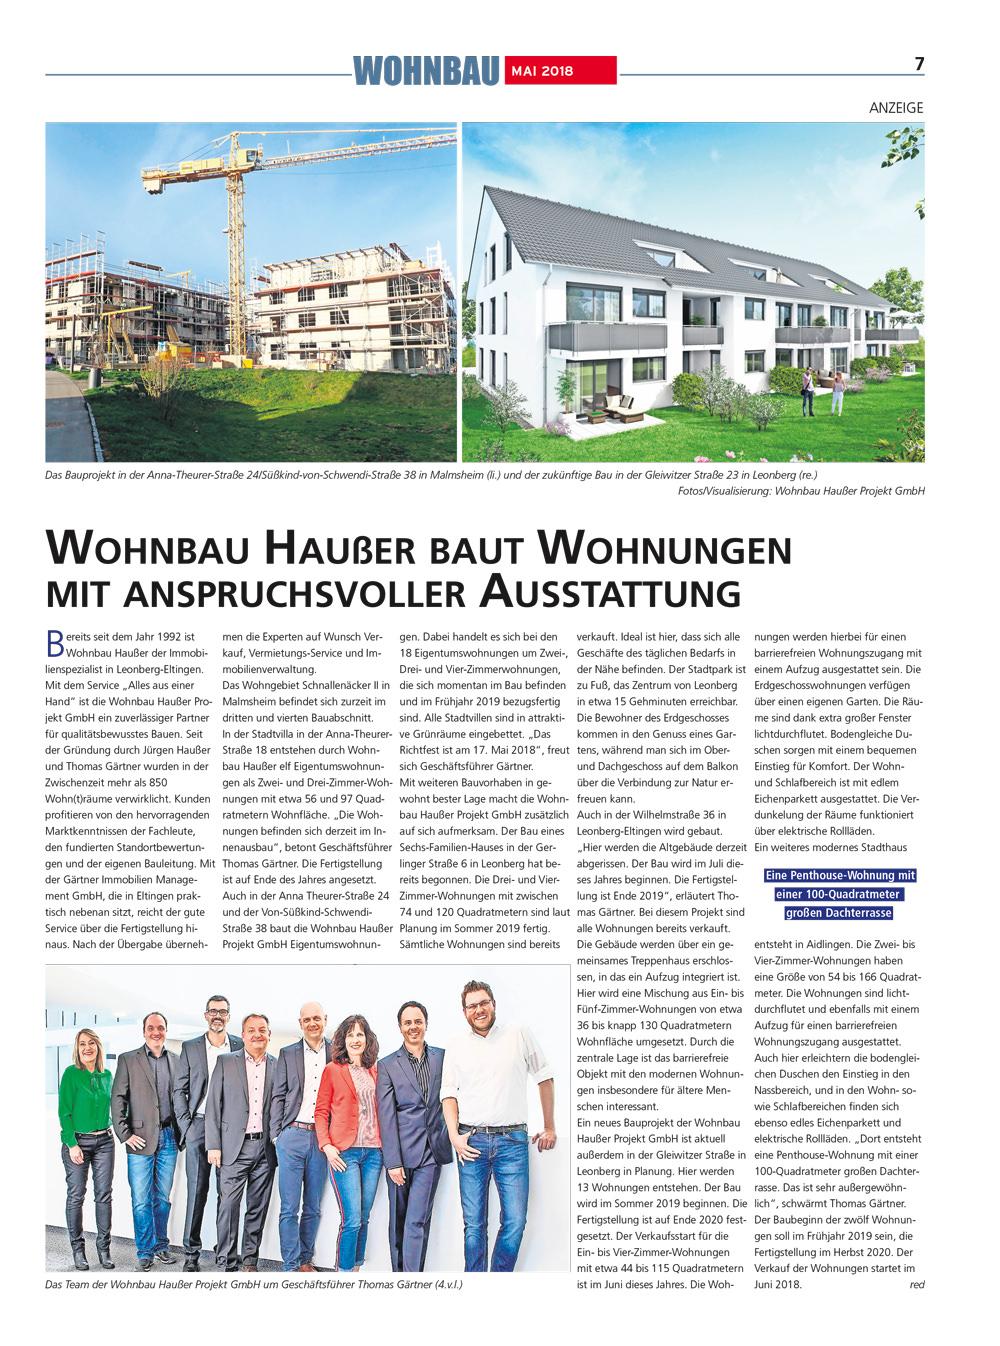 Anzeige-Wohnbaubeilage-Mai-2018